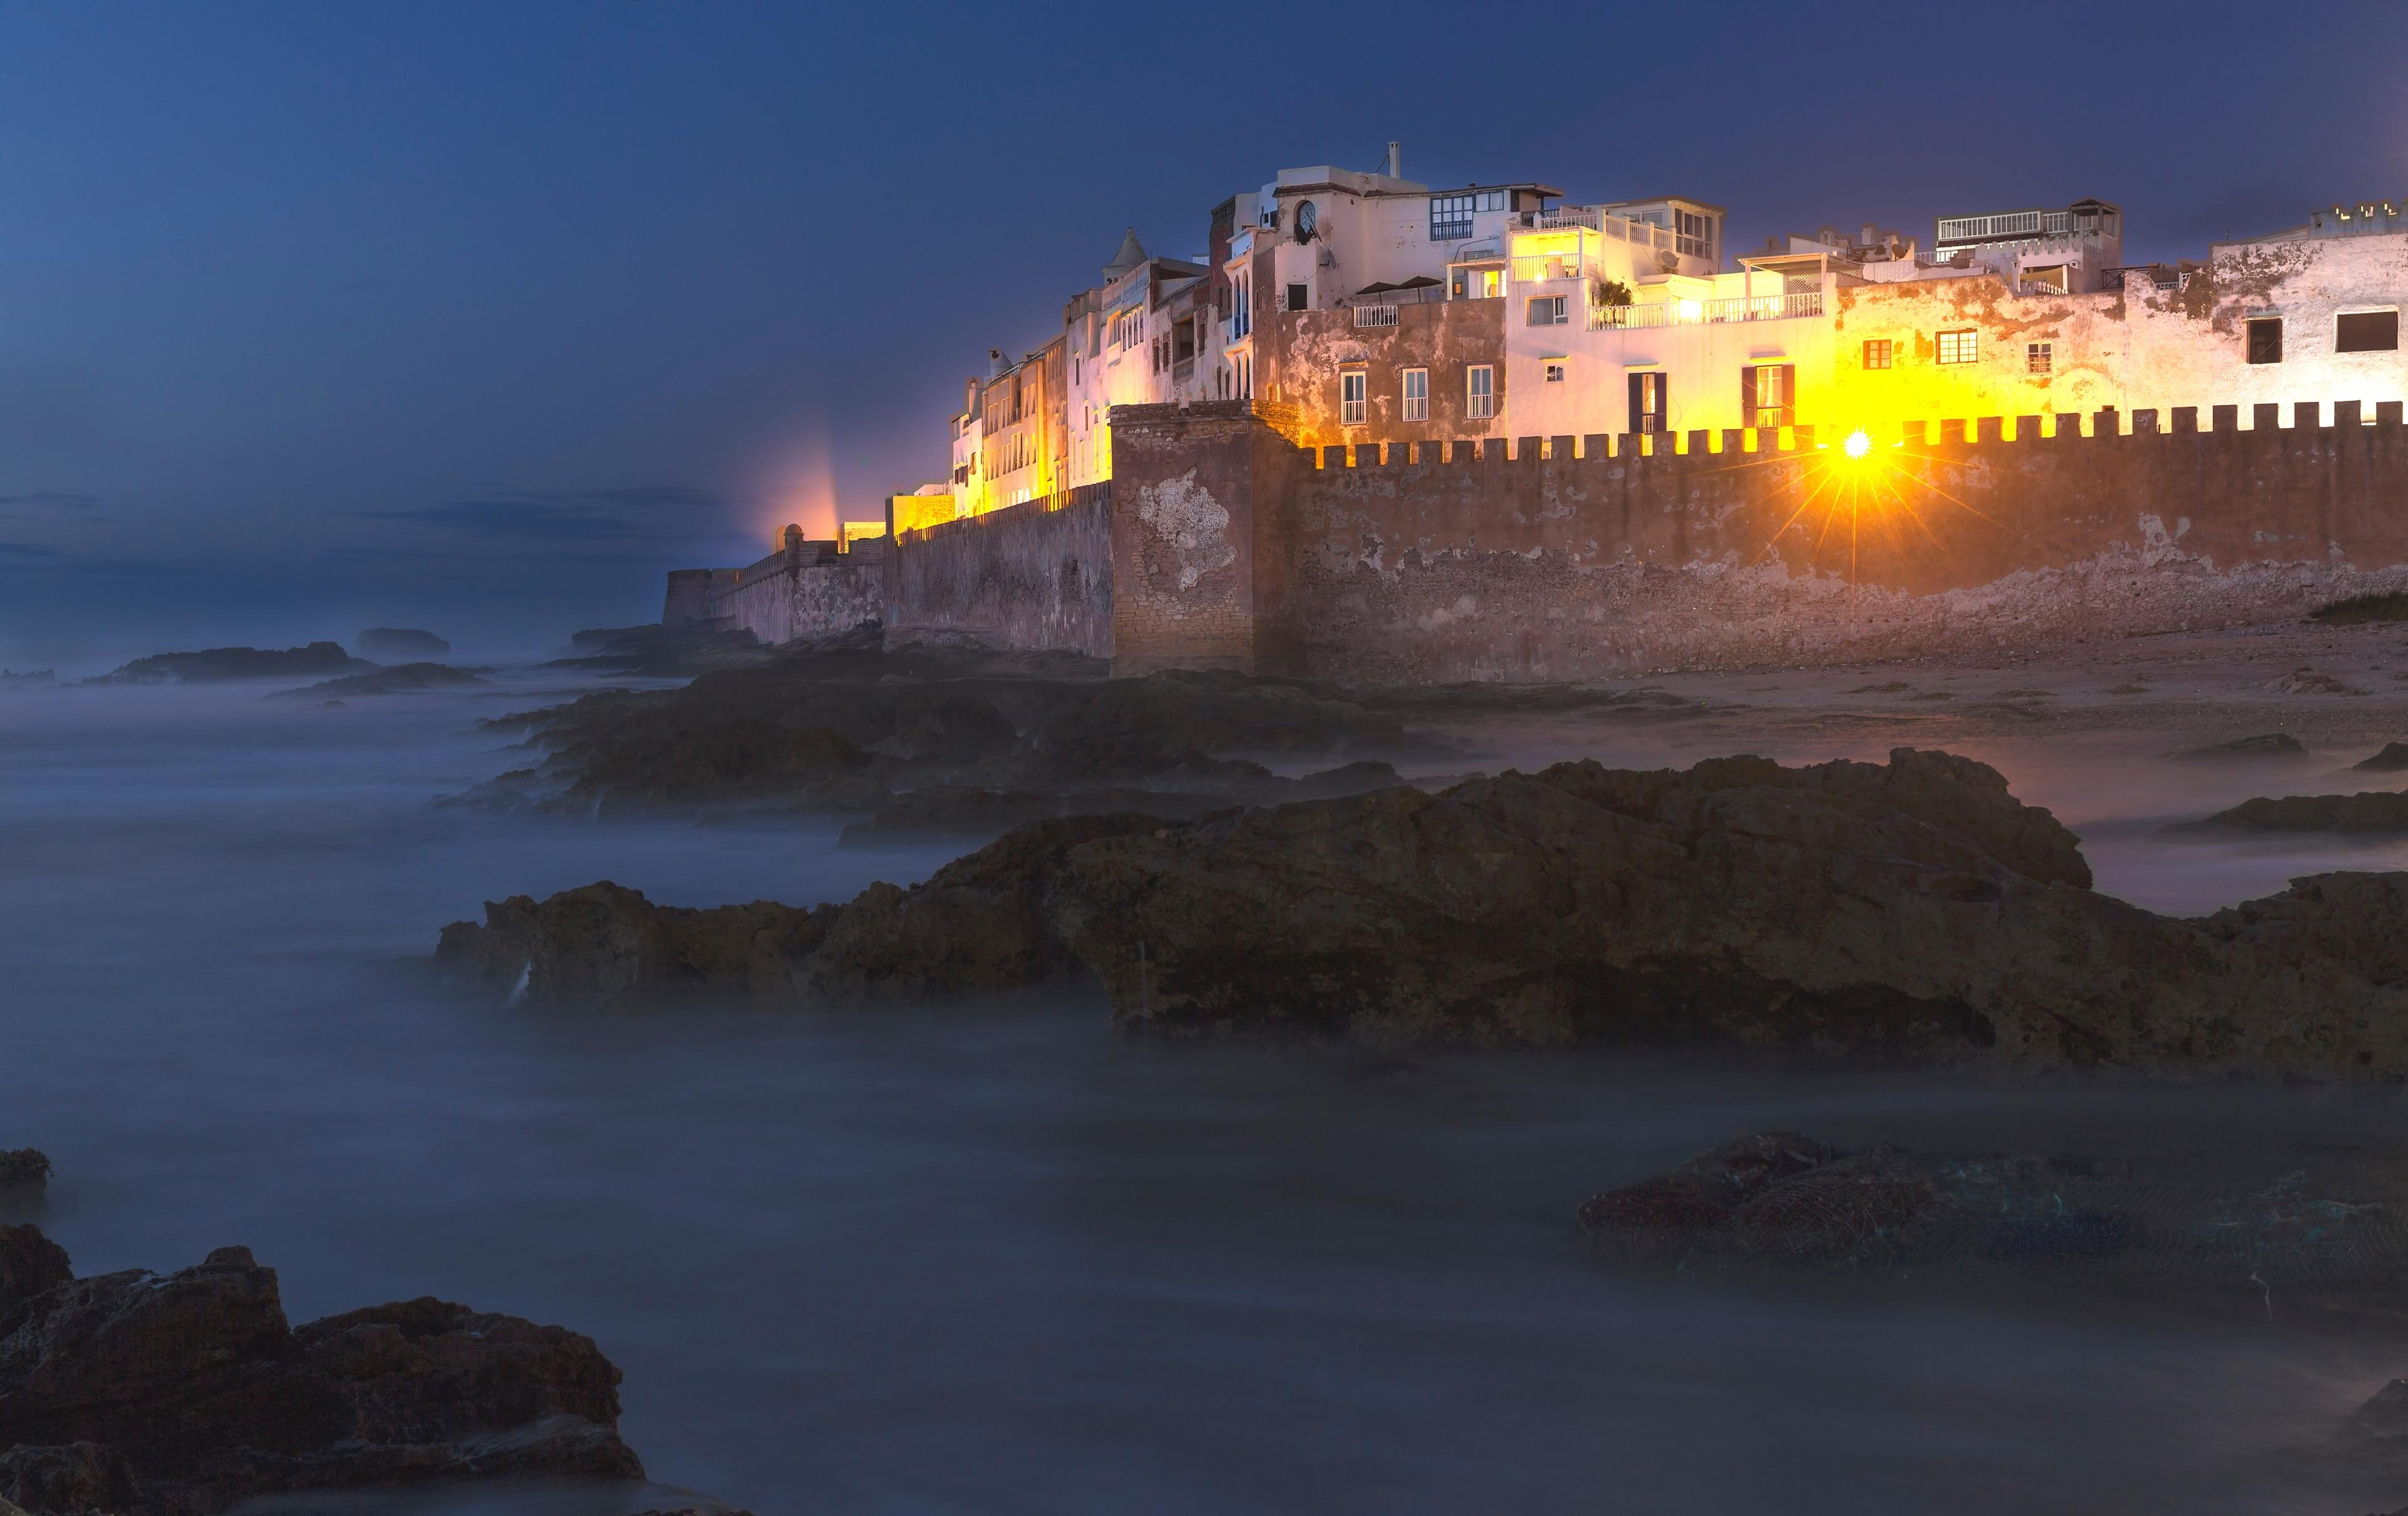 Essaouira, Marrakech-Safi, Morocco